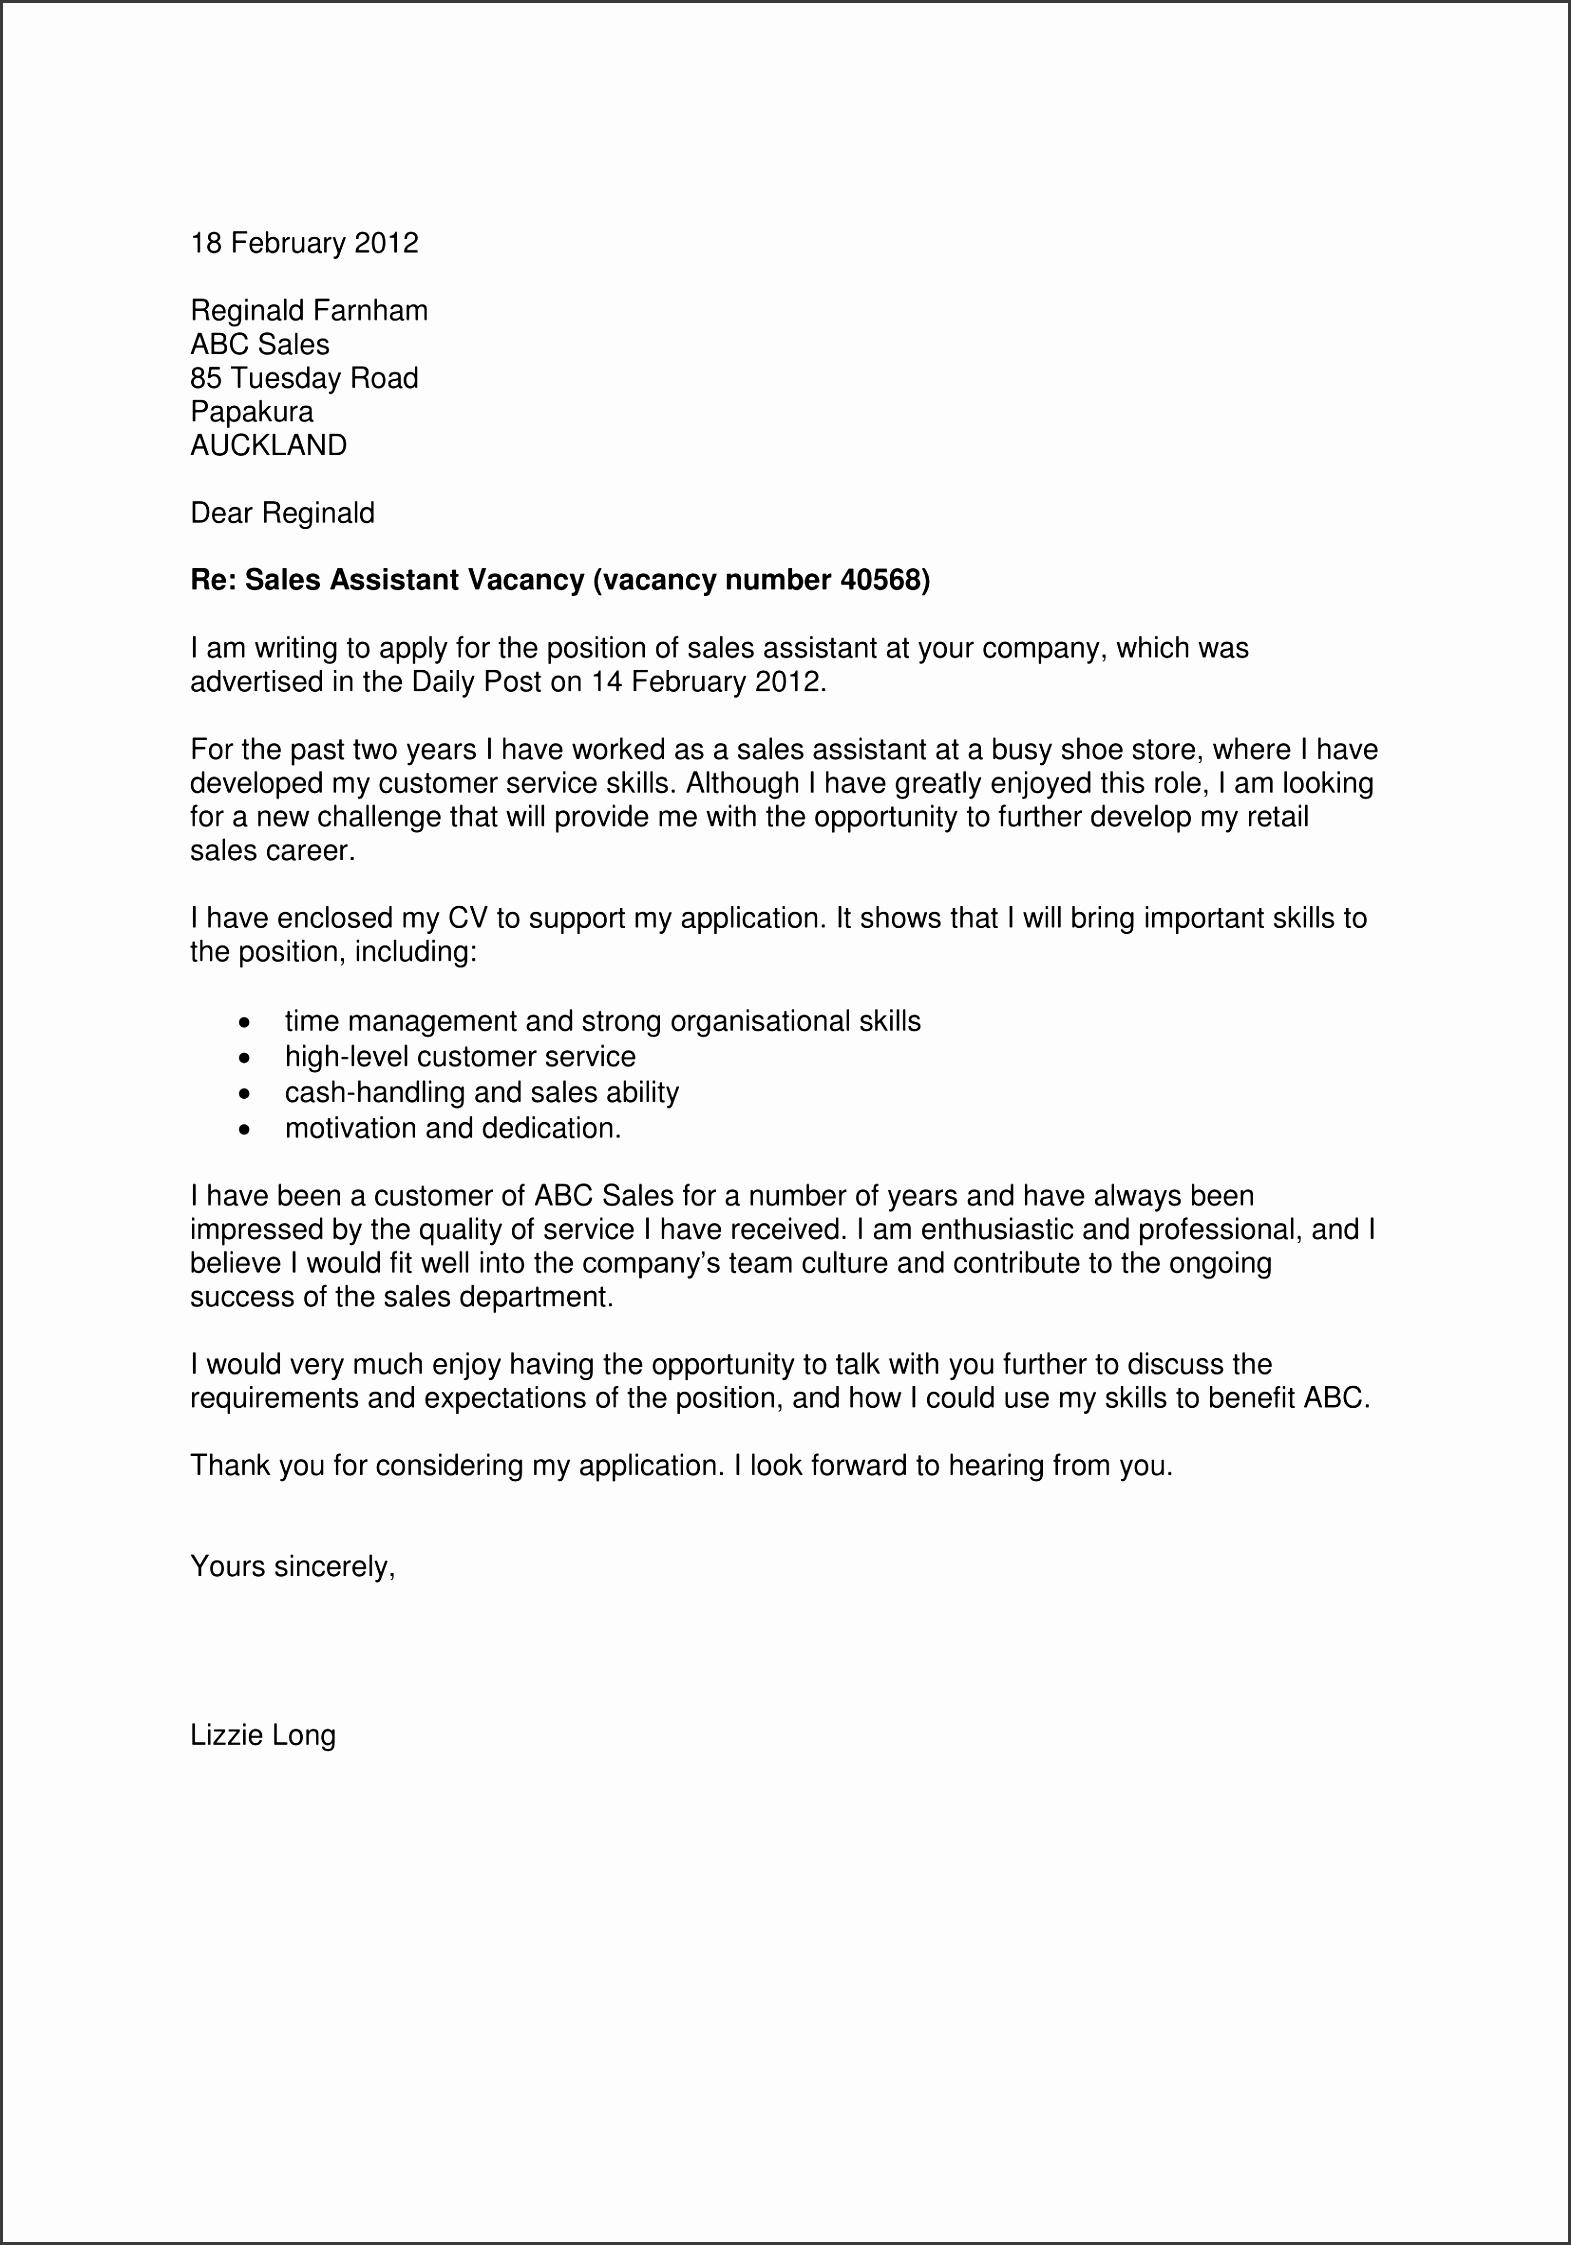 7 Business Cover Letter Template SampleTemplatess SampleTemplatess